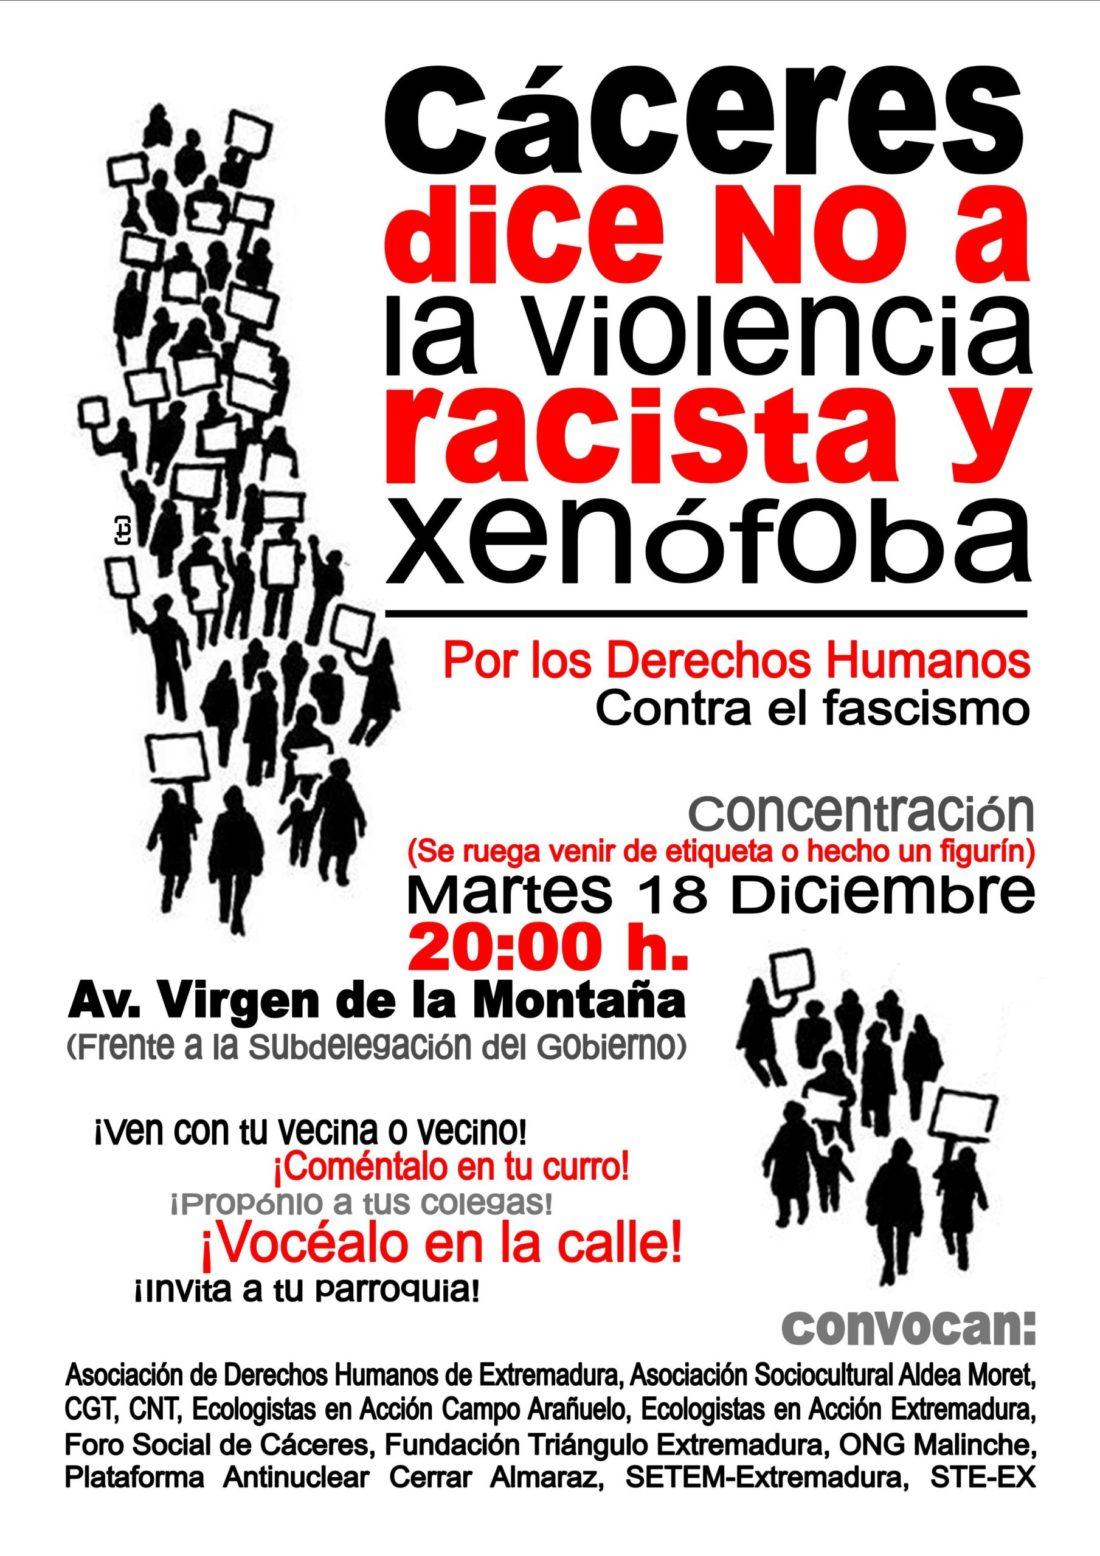 Concentración «Cáceres dice NO A LA VIOLENCIA RACISTA Y XENOFOBA». Martes 18 de diciembre a las 20.00 frente a la Subdelegación del Gobierno.